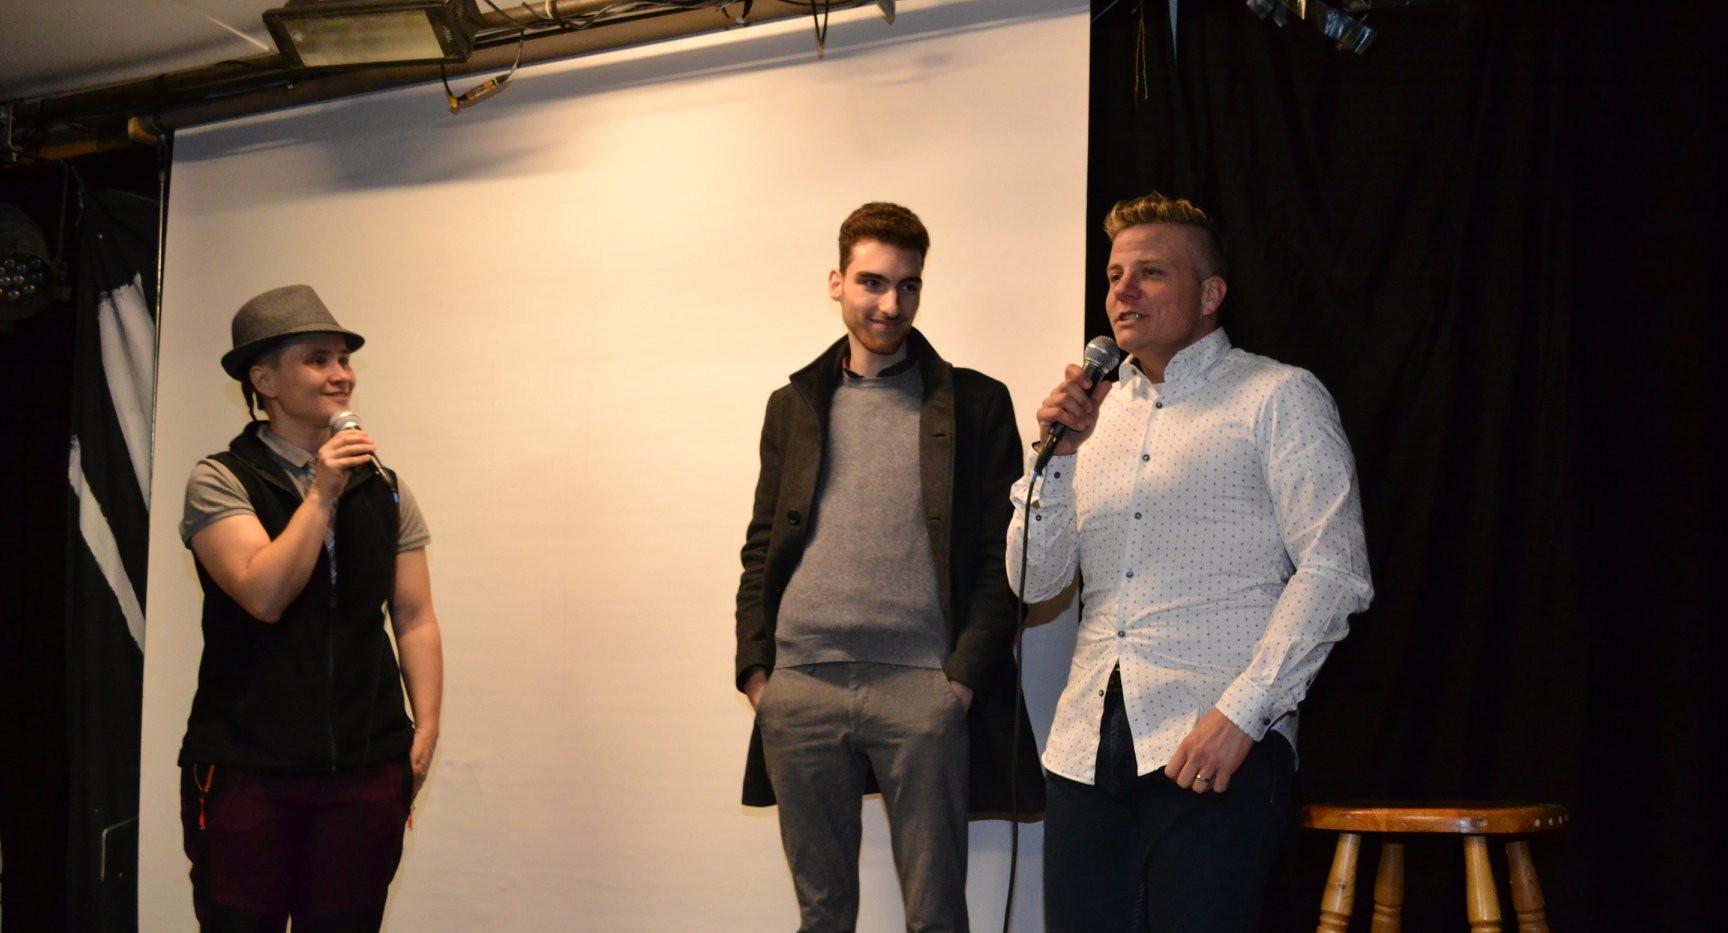 Talk mit Filmemacher Dominic (Mitte) und Transmann Phippu (rechts), Moderation Eve